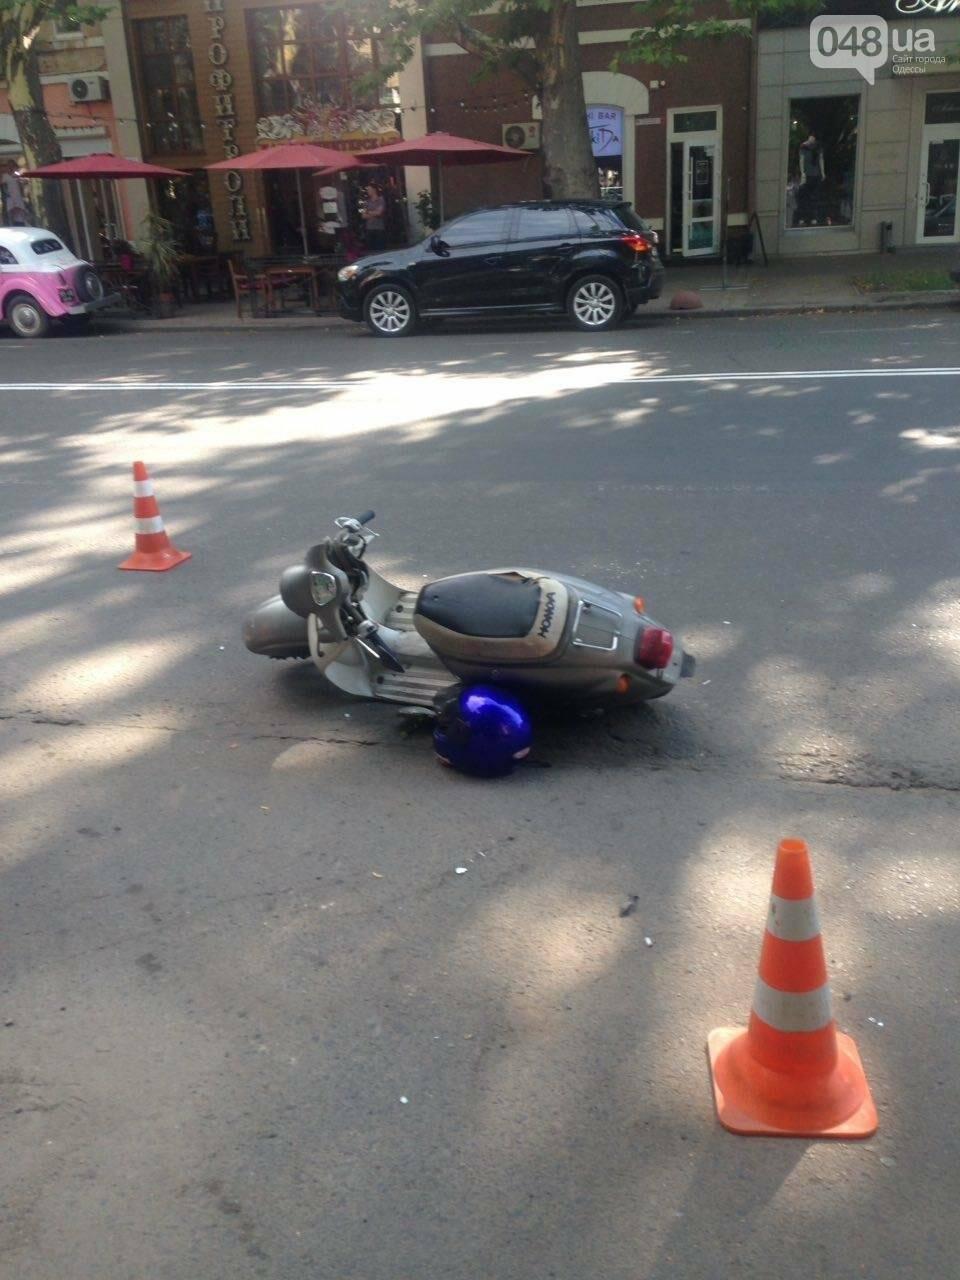 В Одессе жертву аварии оставили на дороге (ФОТО), фото-1